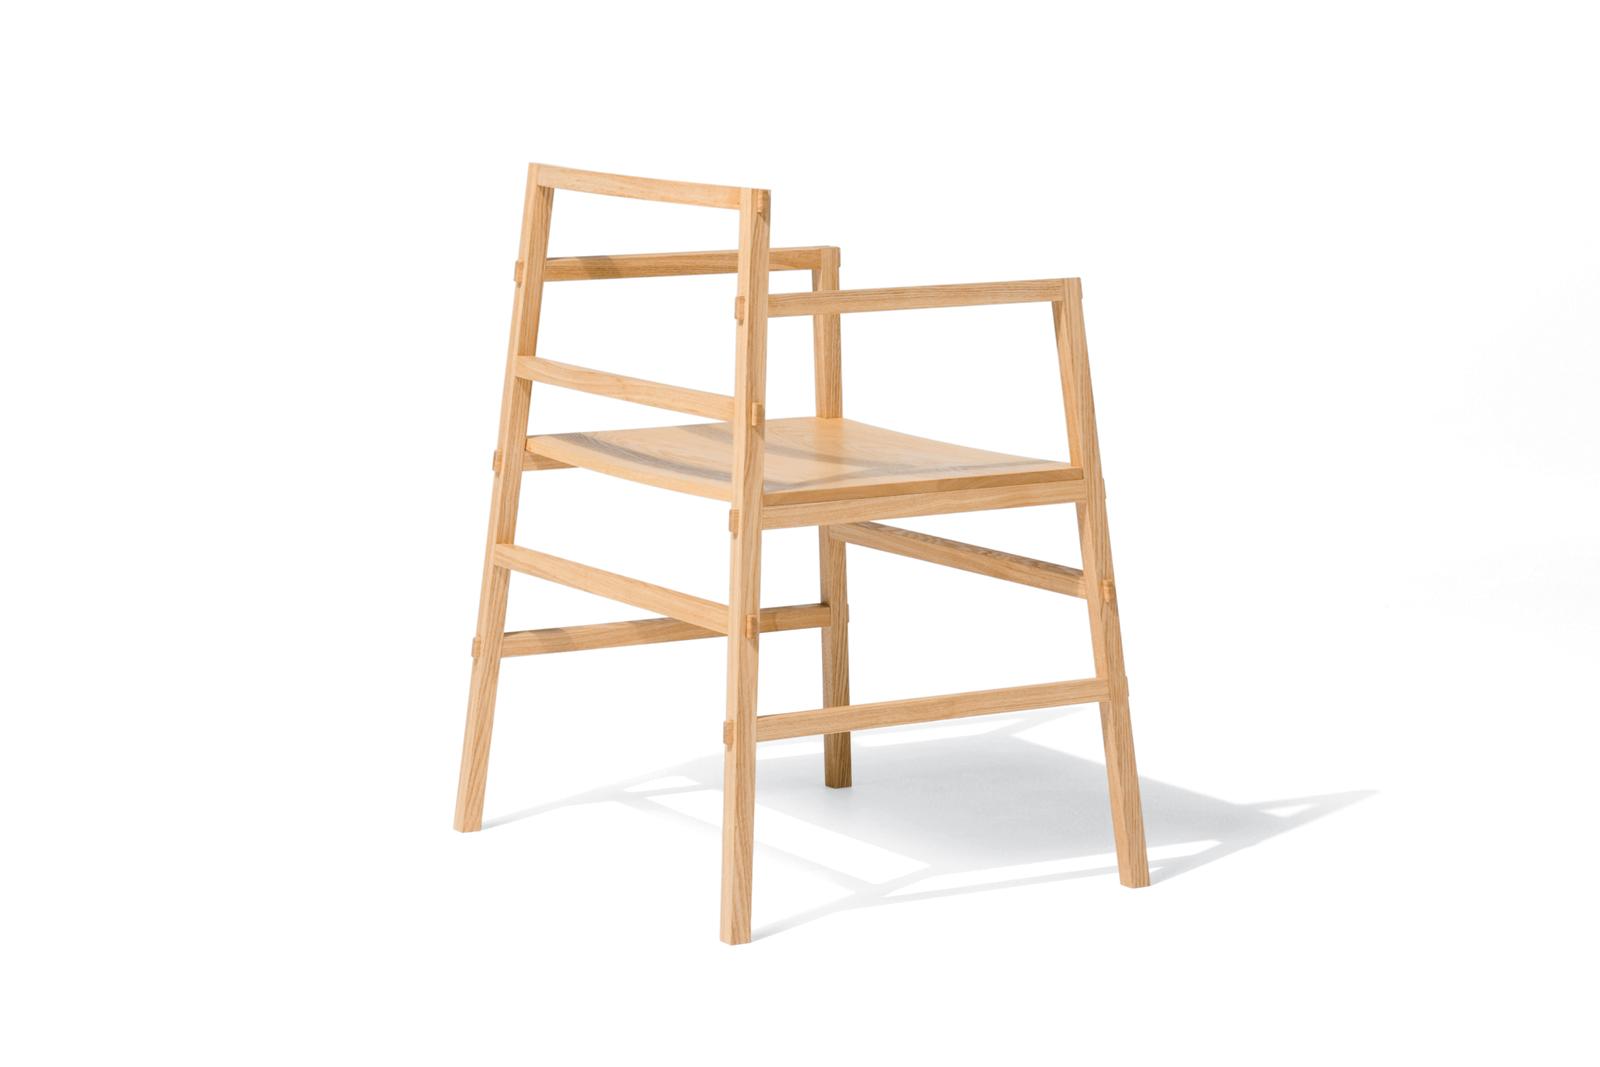 wooden Tenon chair by Yota Kakuda